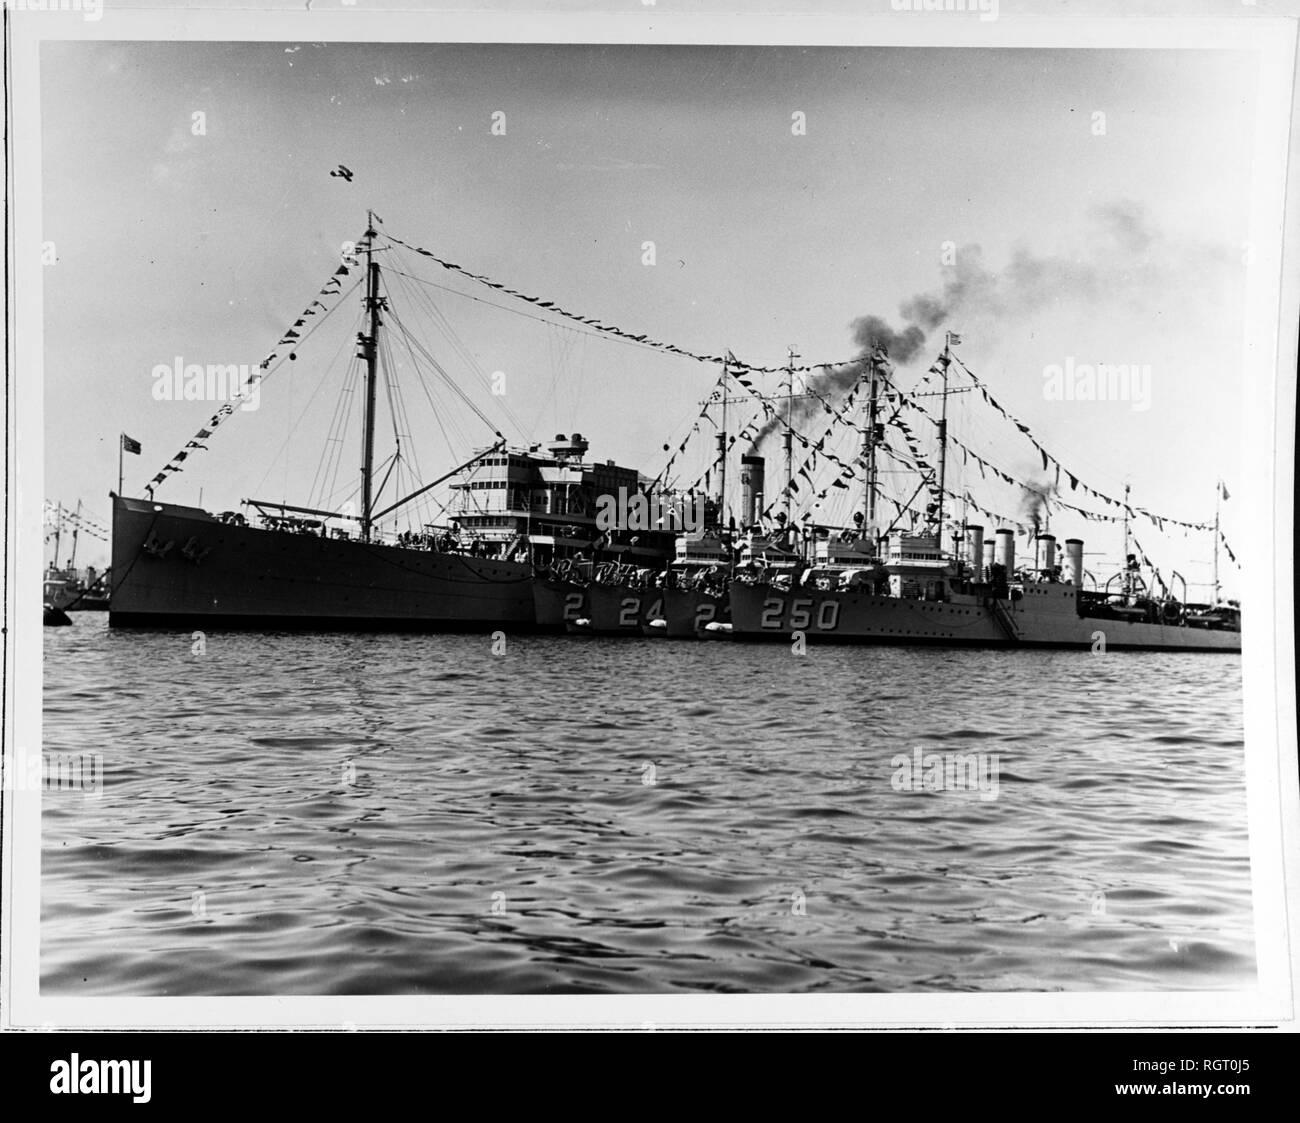 Ormeggiata nel porto di San Diego, California, il giorno della Marina, 27 ottobre 1932. Il cacciatorpediniere legato fino a fianco sono (da interno ad esterno): USS Sands (DD-243); USS King (DD-242); USS Humphries (DD-236); e USS Lawrence (DD-250). Tutte le navi sono vestiti con le bandiere per la vacanza. Nota il volo aereo overhead. Donazione di Franklin Moran, 1967. Stati Uniti Storia navale e patrimonio Il comando di una fotografia. Immagini Stock